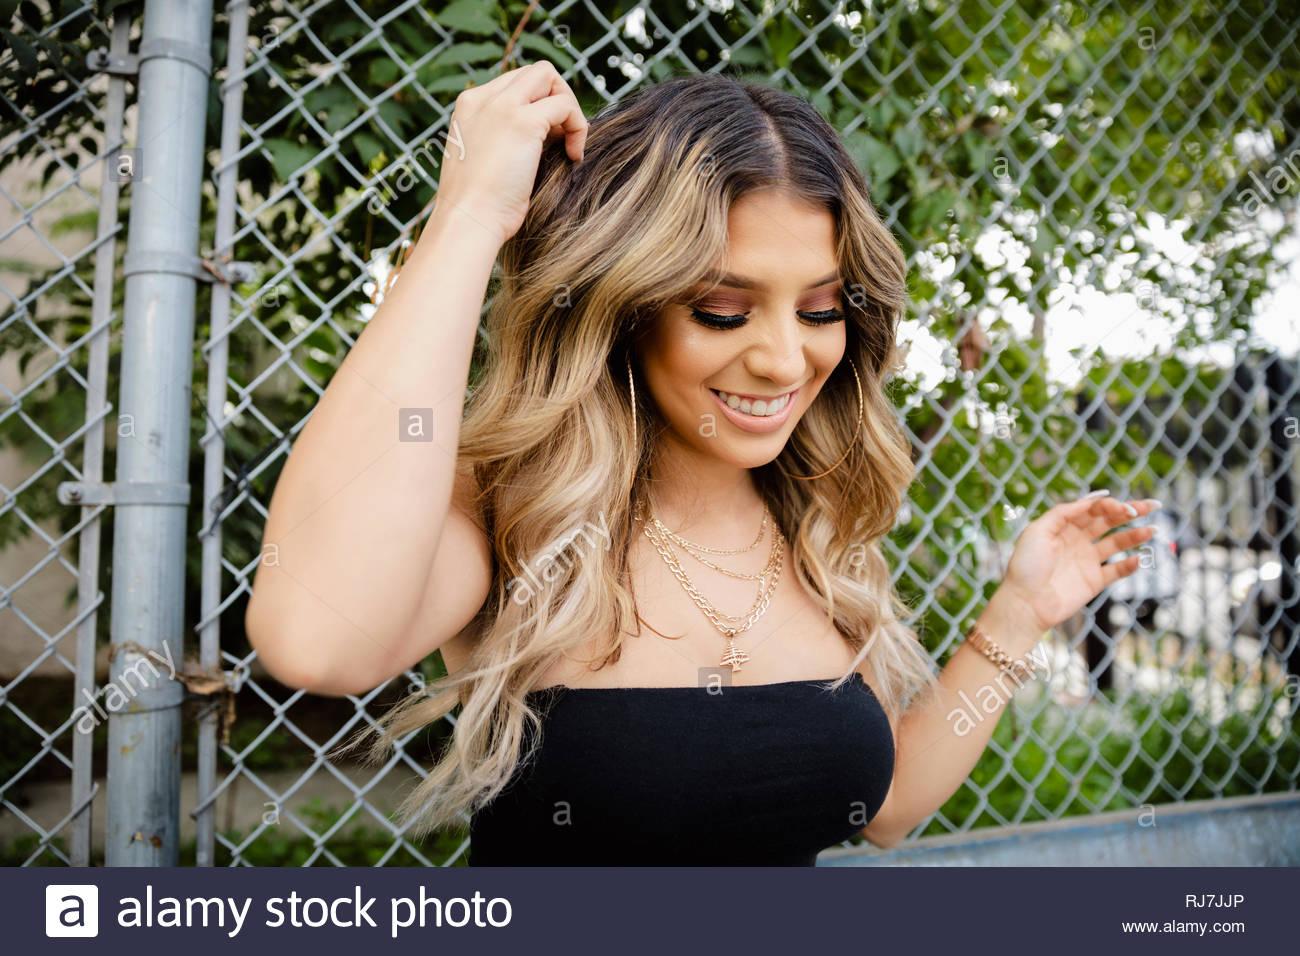 Sorglos, glücklich, Latinx junge Frau lehnte sich gegen Zaun Stockbild